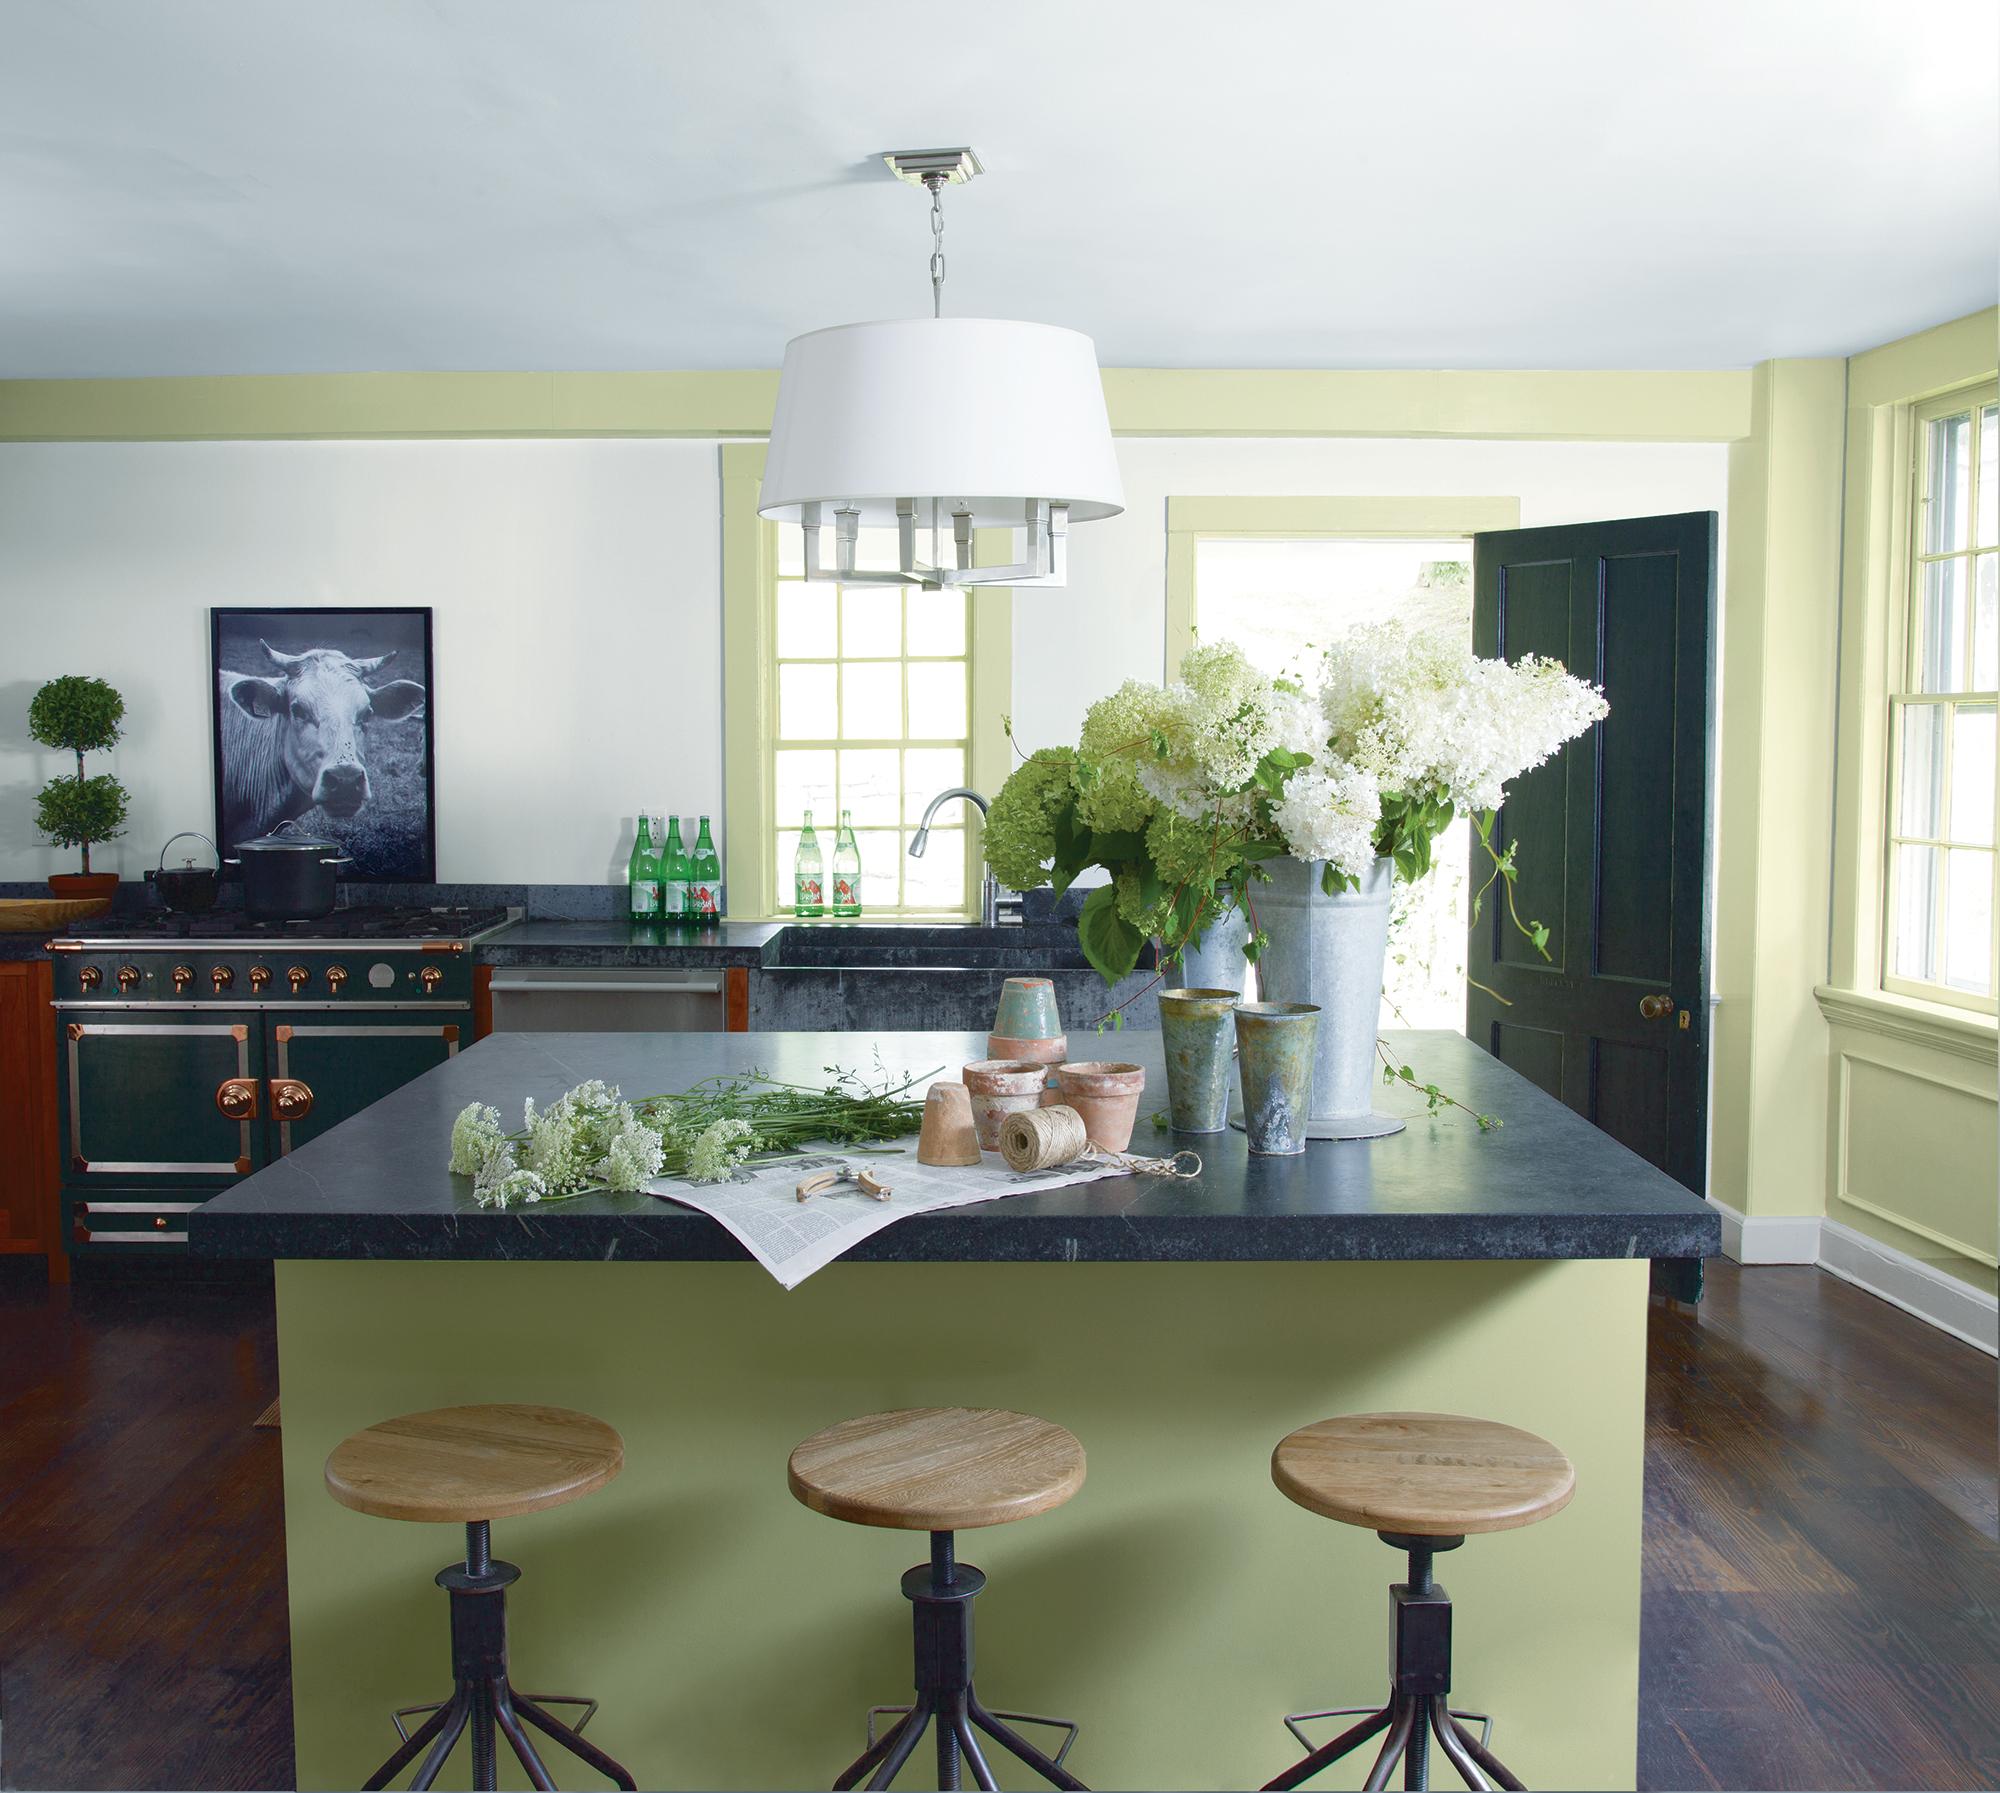 Green_Kitchen_with_Hydrangeas.jpg